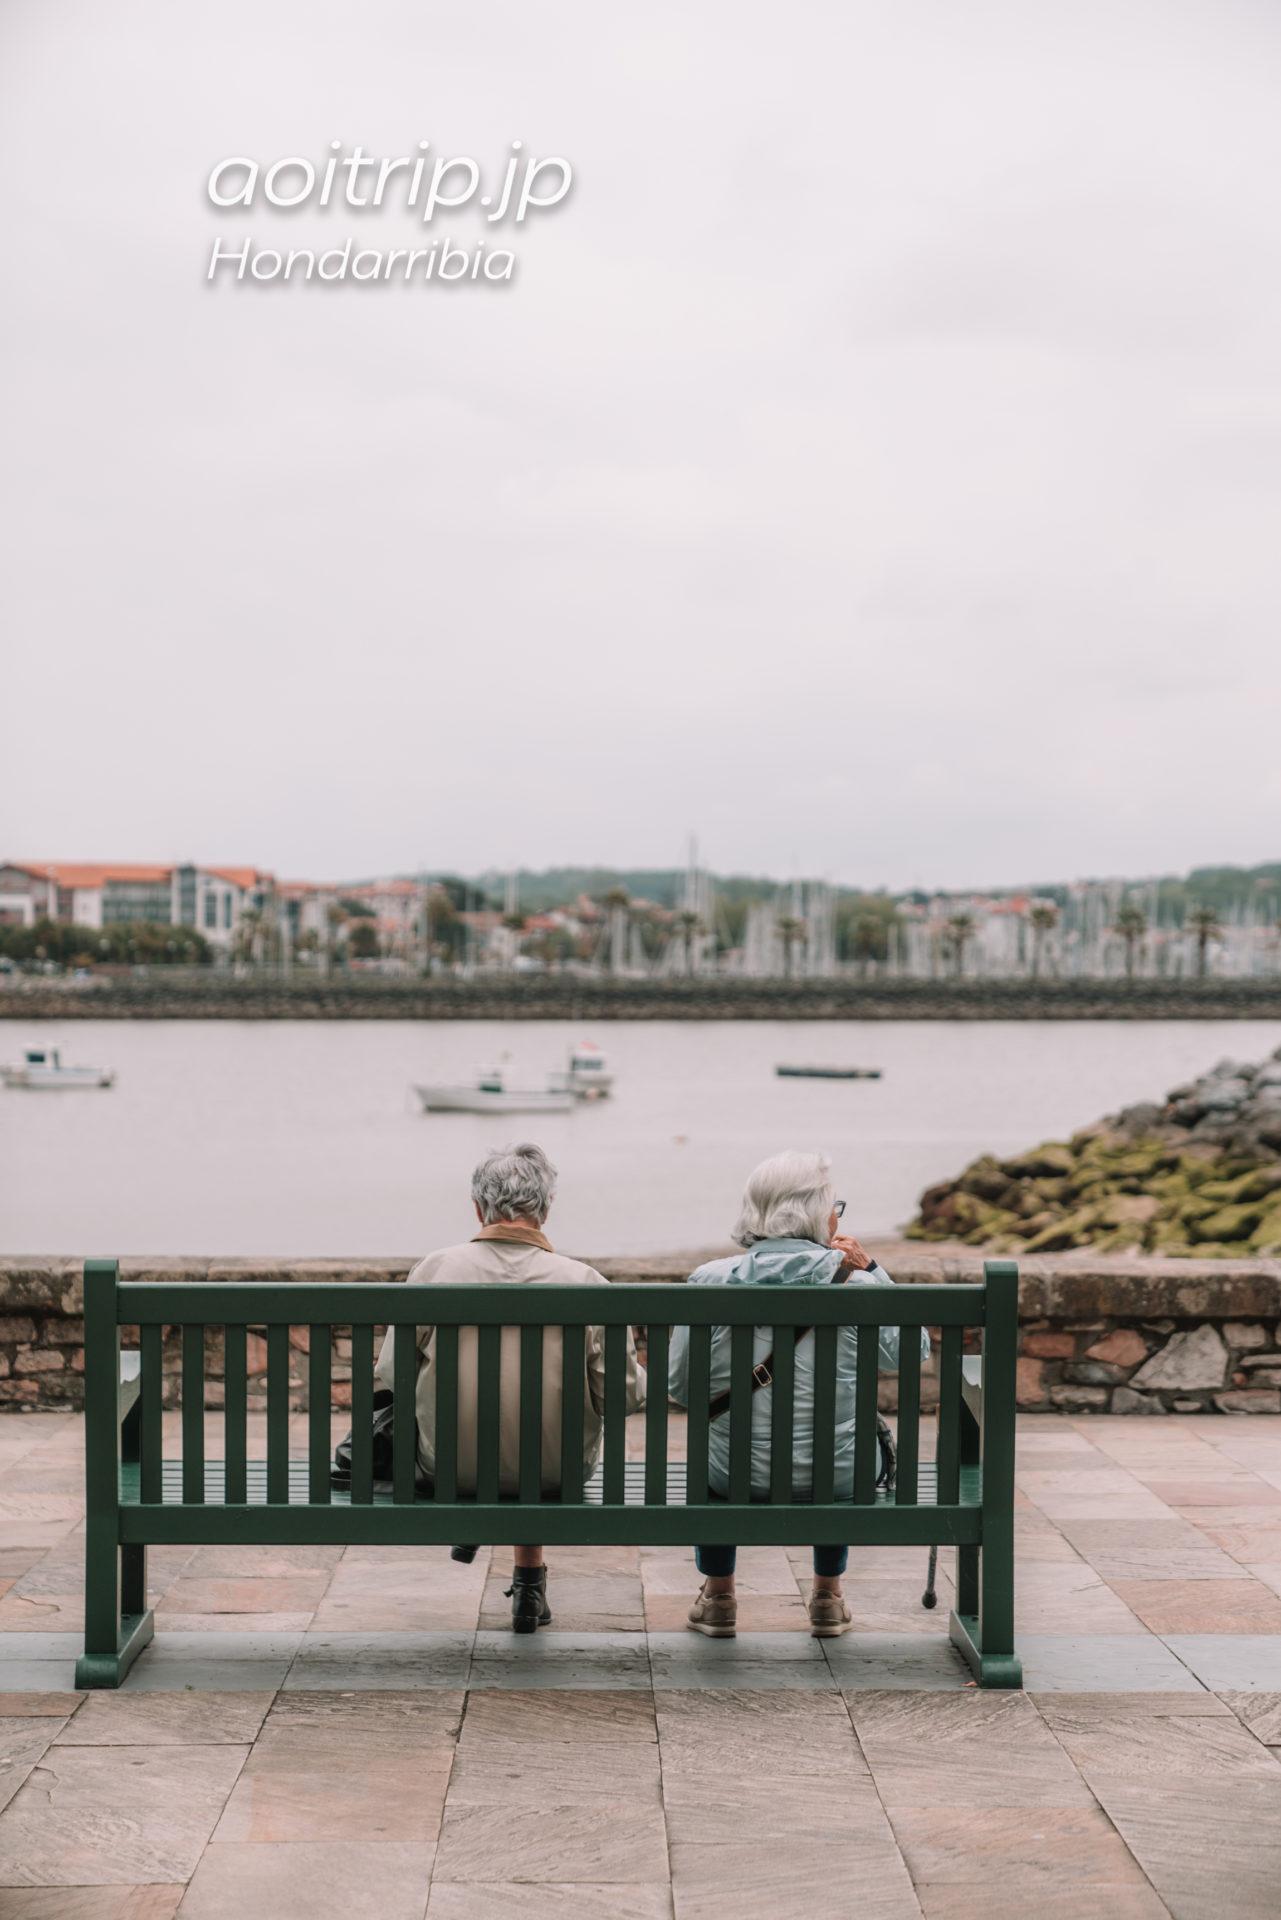 スペイン・フランスの国境ビダソア川を望む